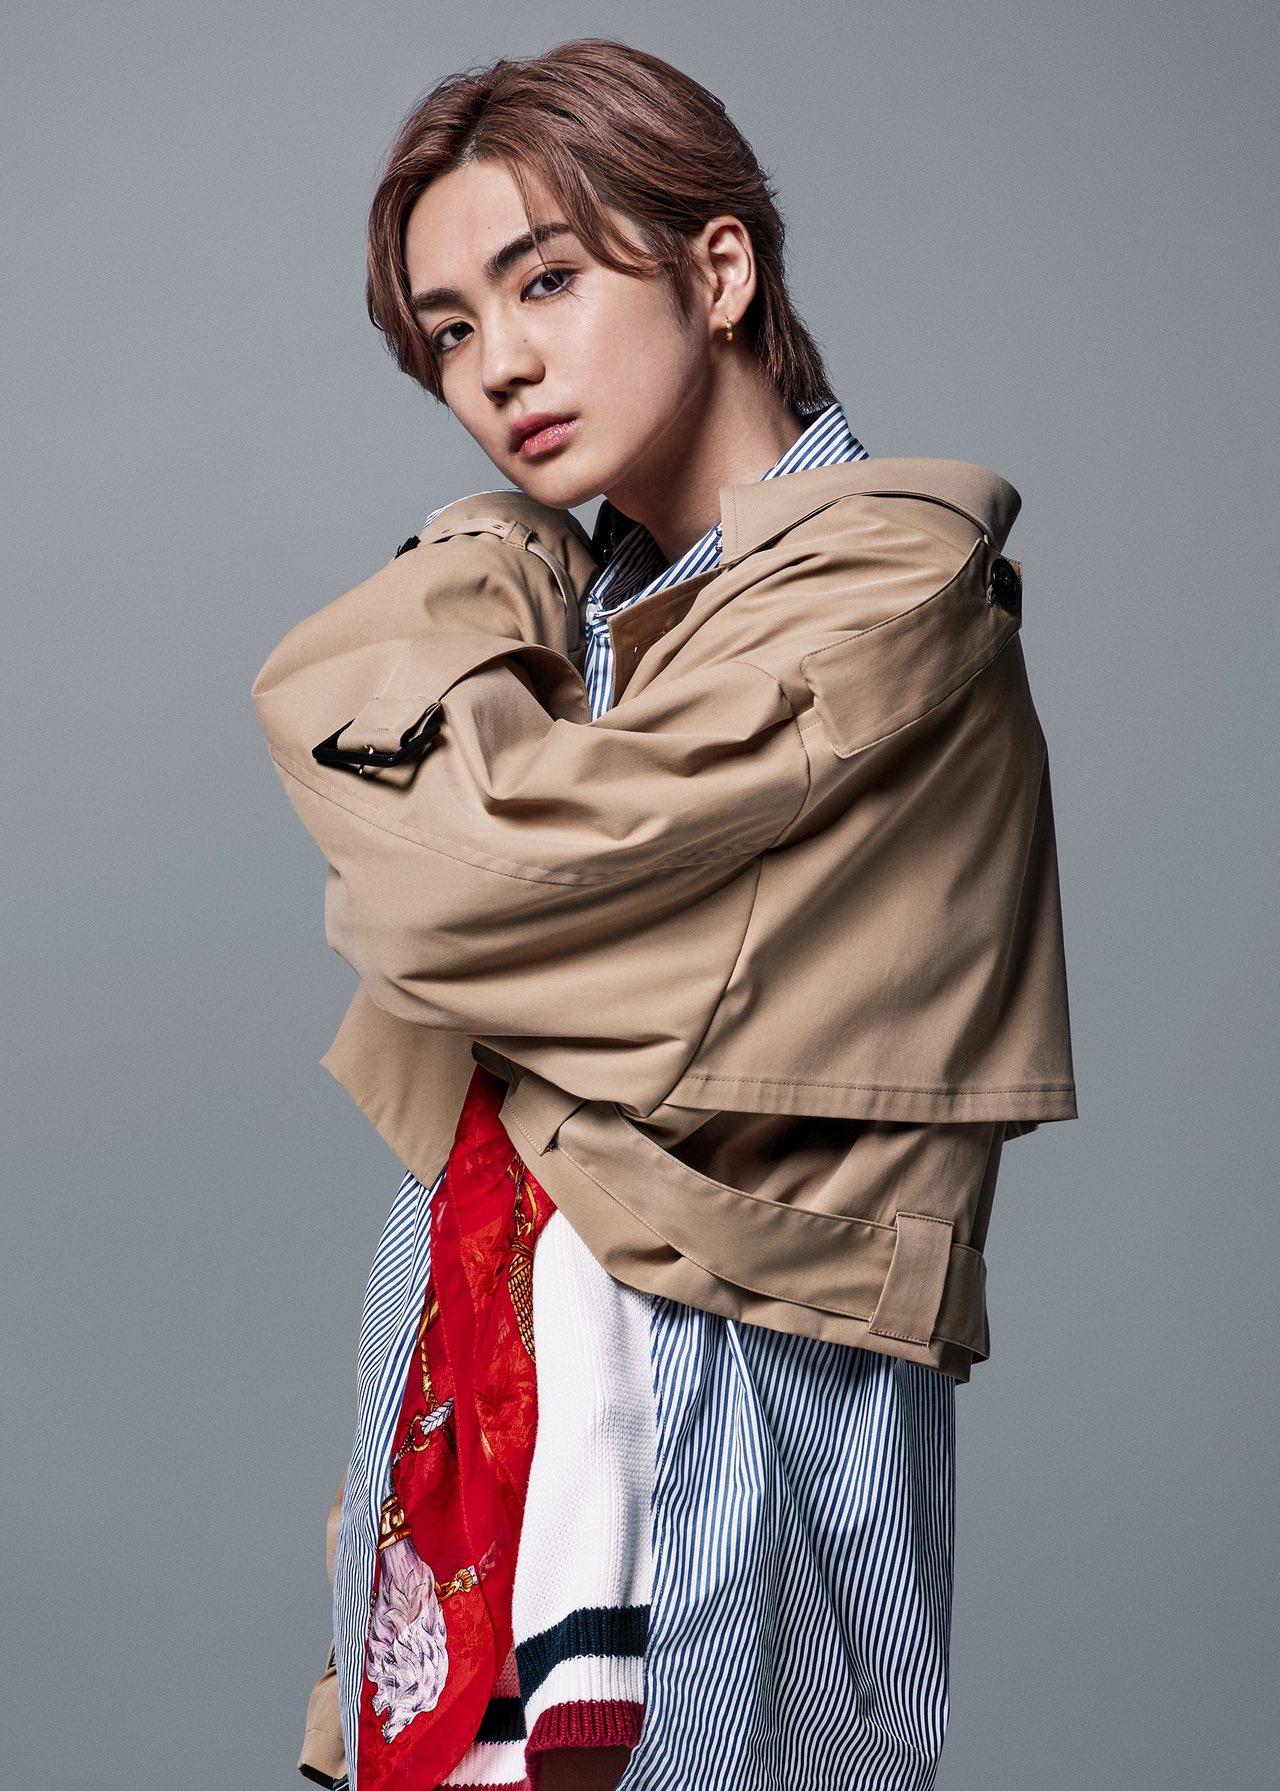 Yoshino Hokuto